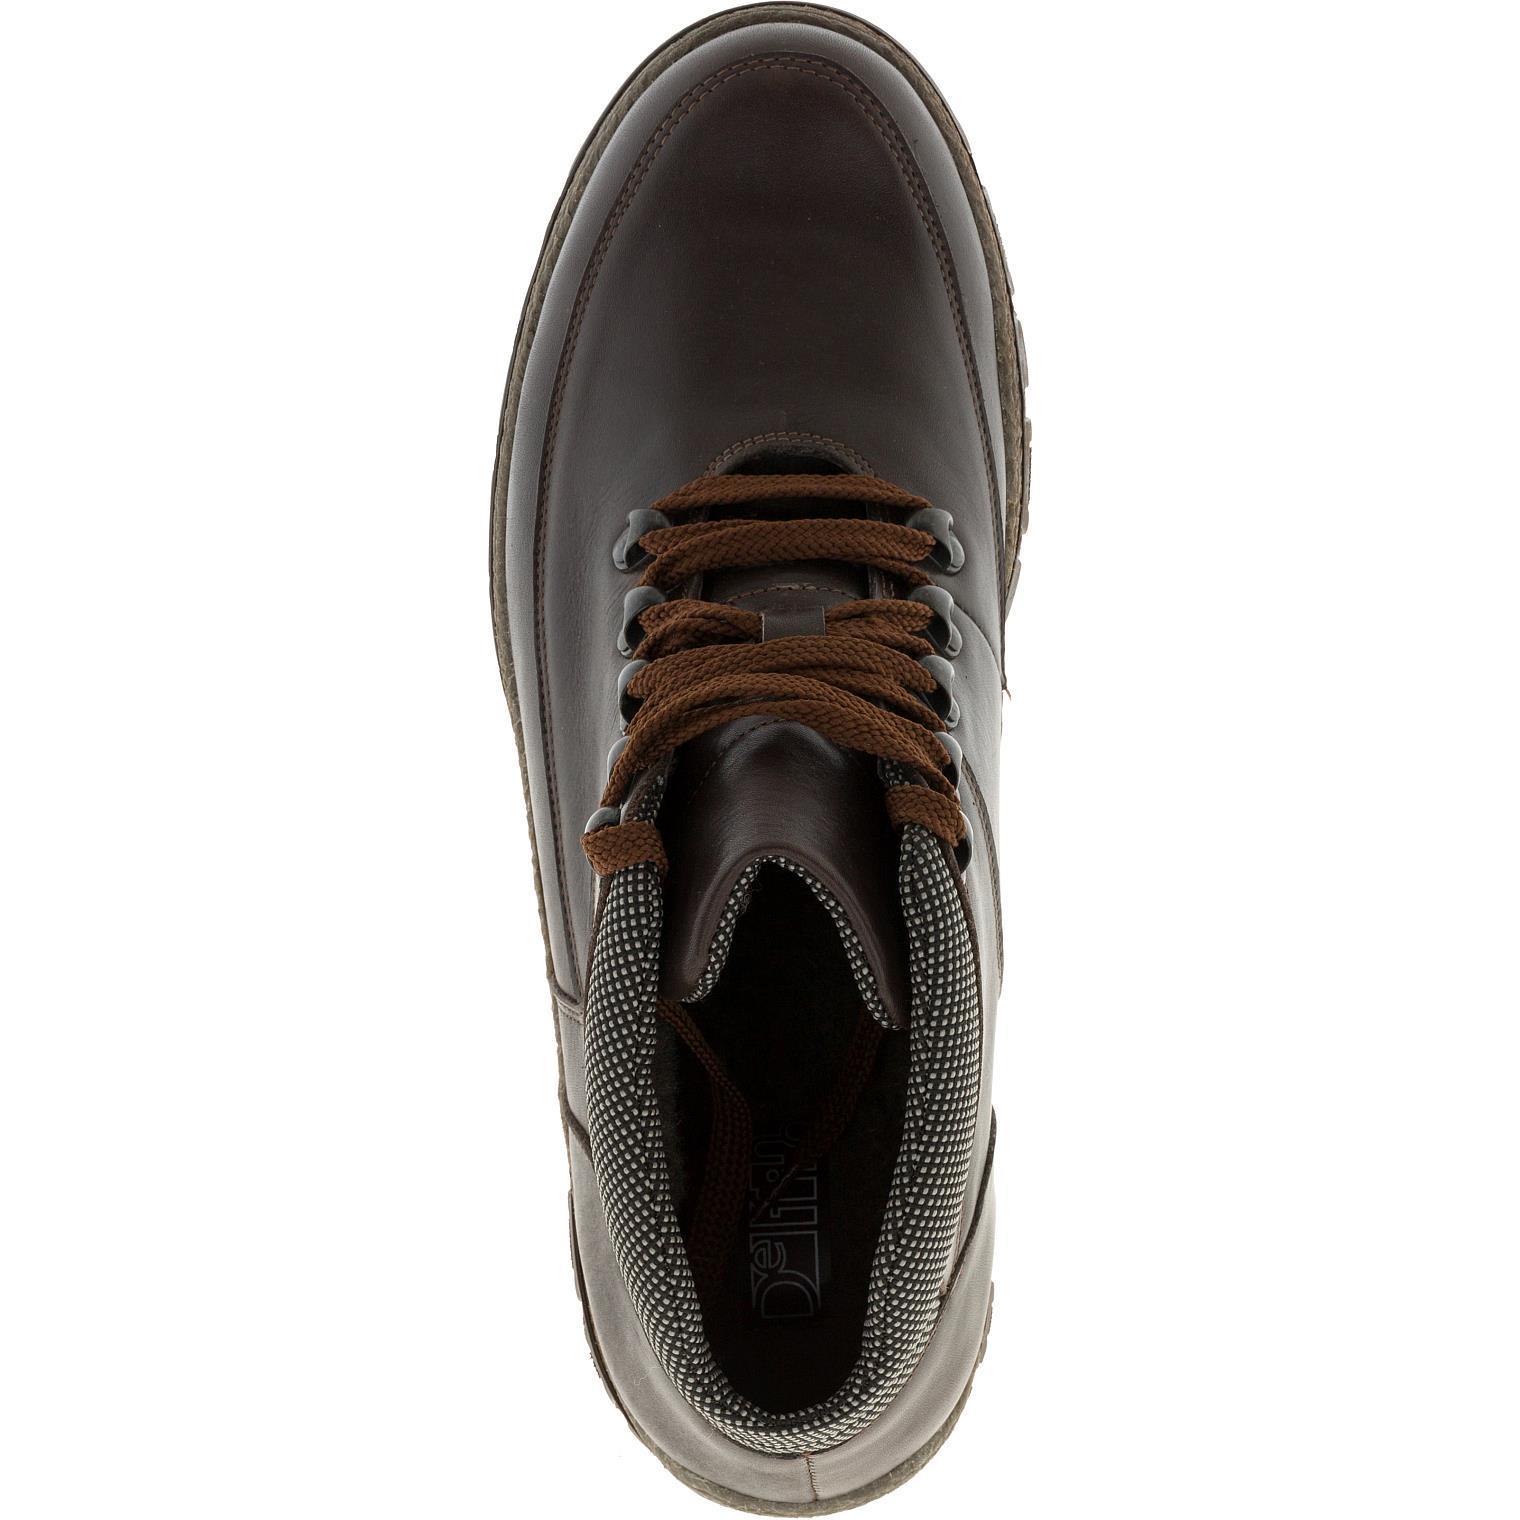 636316 Ботинки мужские коричневые кожа больших размеров марки Делфино